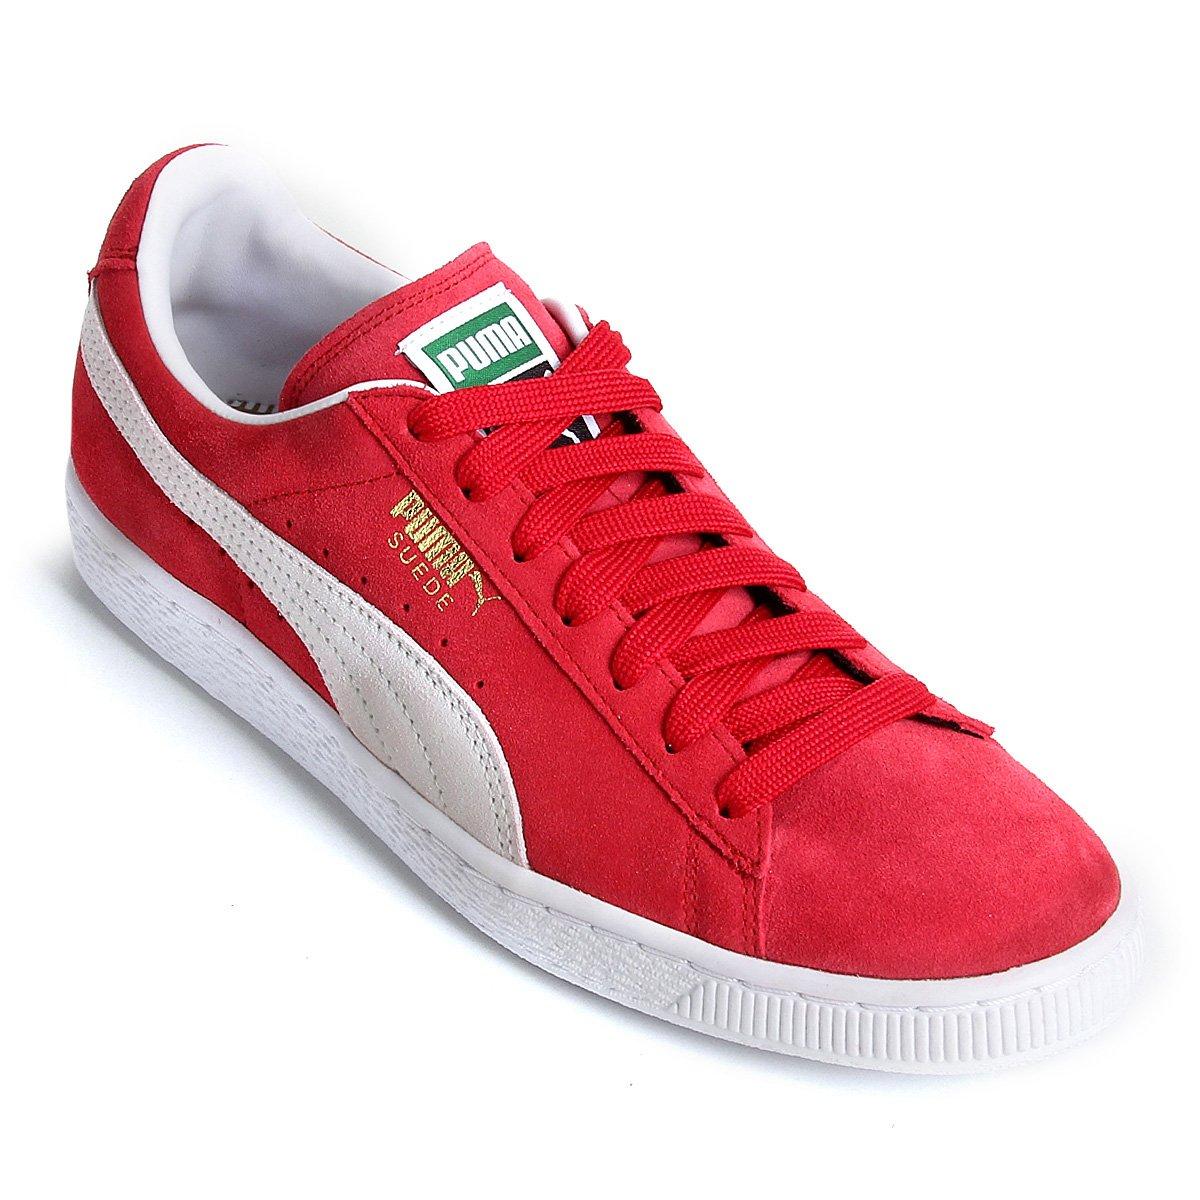 Tênis Puma Suede Classic Eco - Compre Agora  25a23d9161ee7